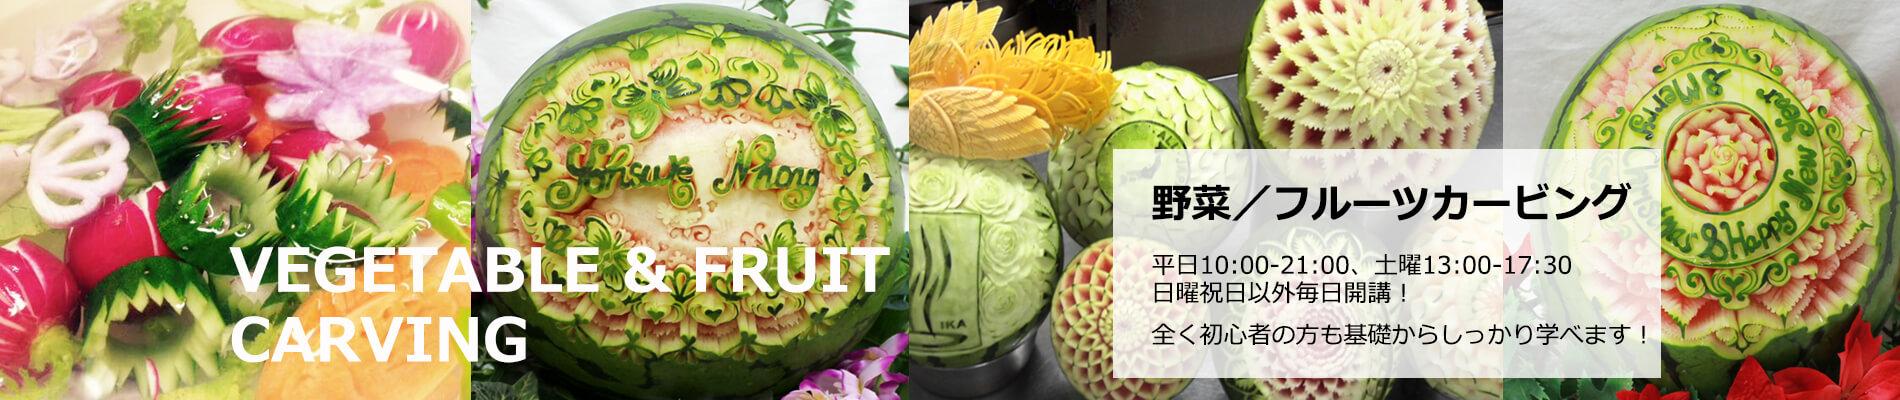 野菜・フルーツカービング